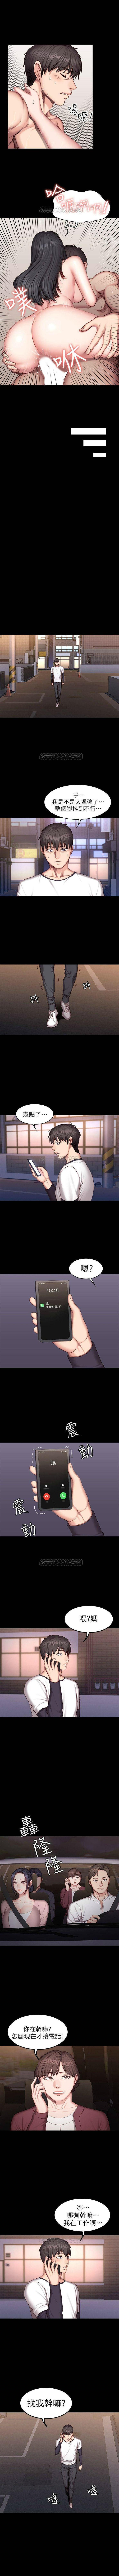 健身教練 1-56 官方中文(連載中) 203